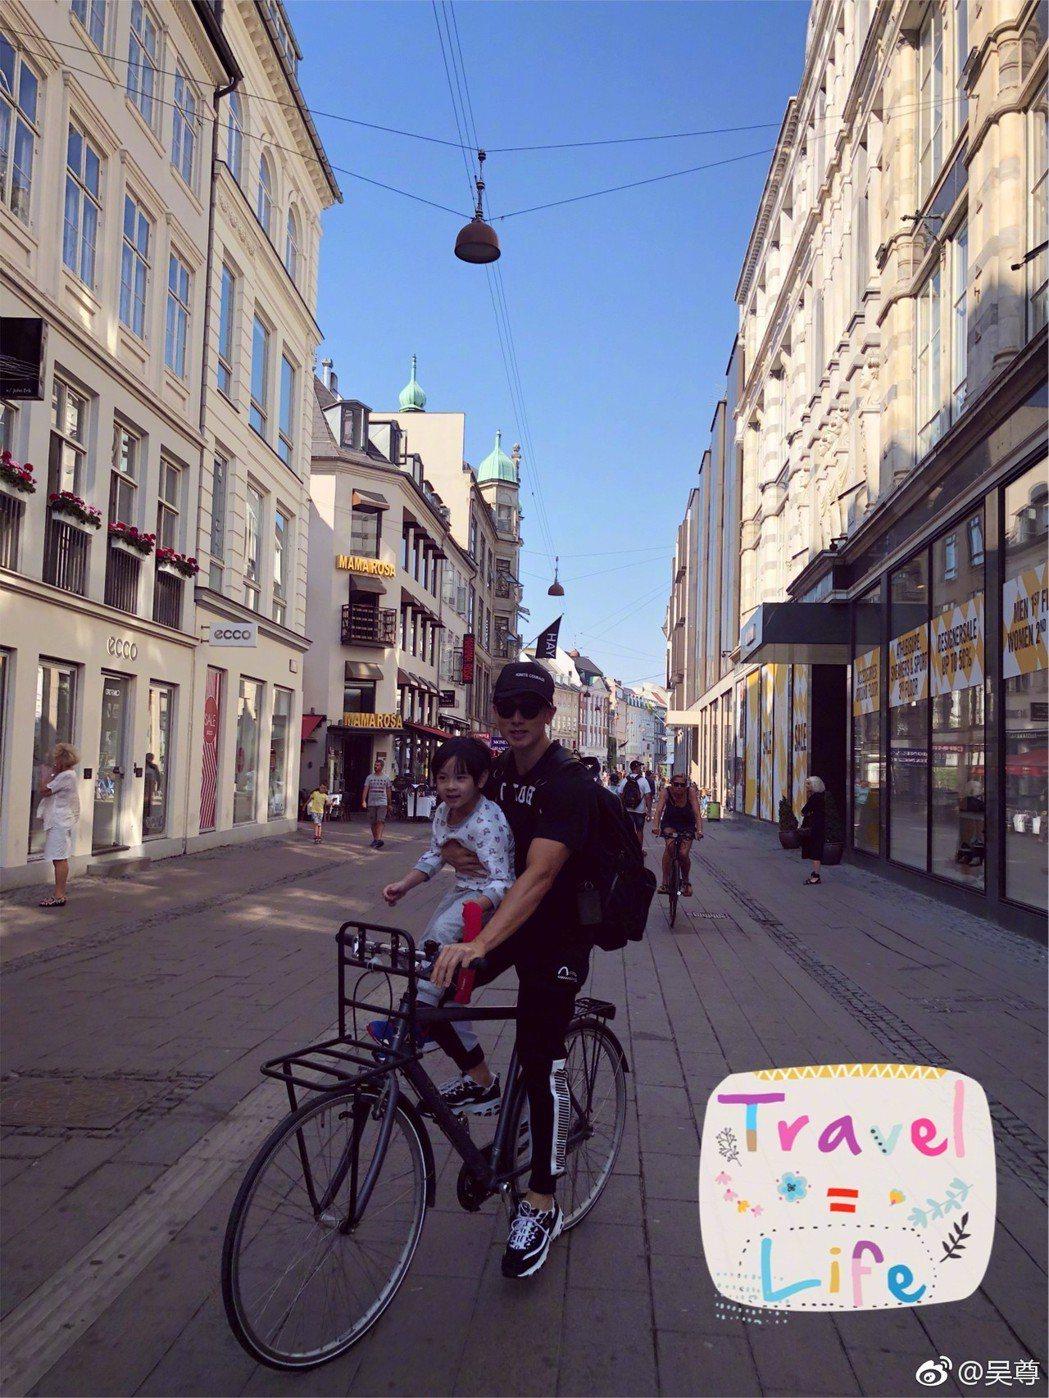 吳尊帶著兒子Max騎單車到處逛。 圖/擷自吳尊微博